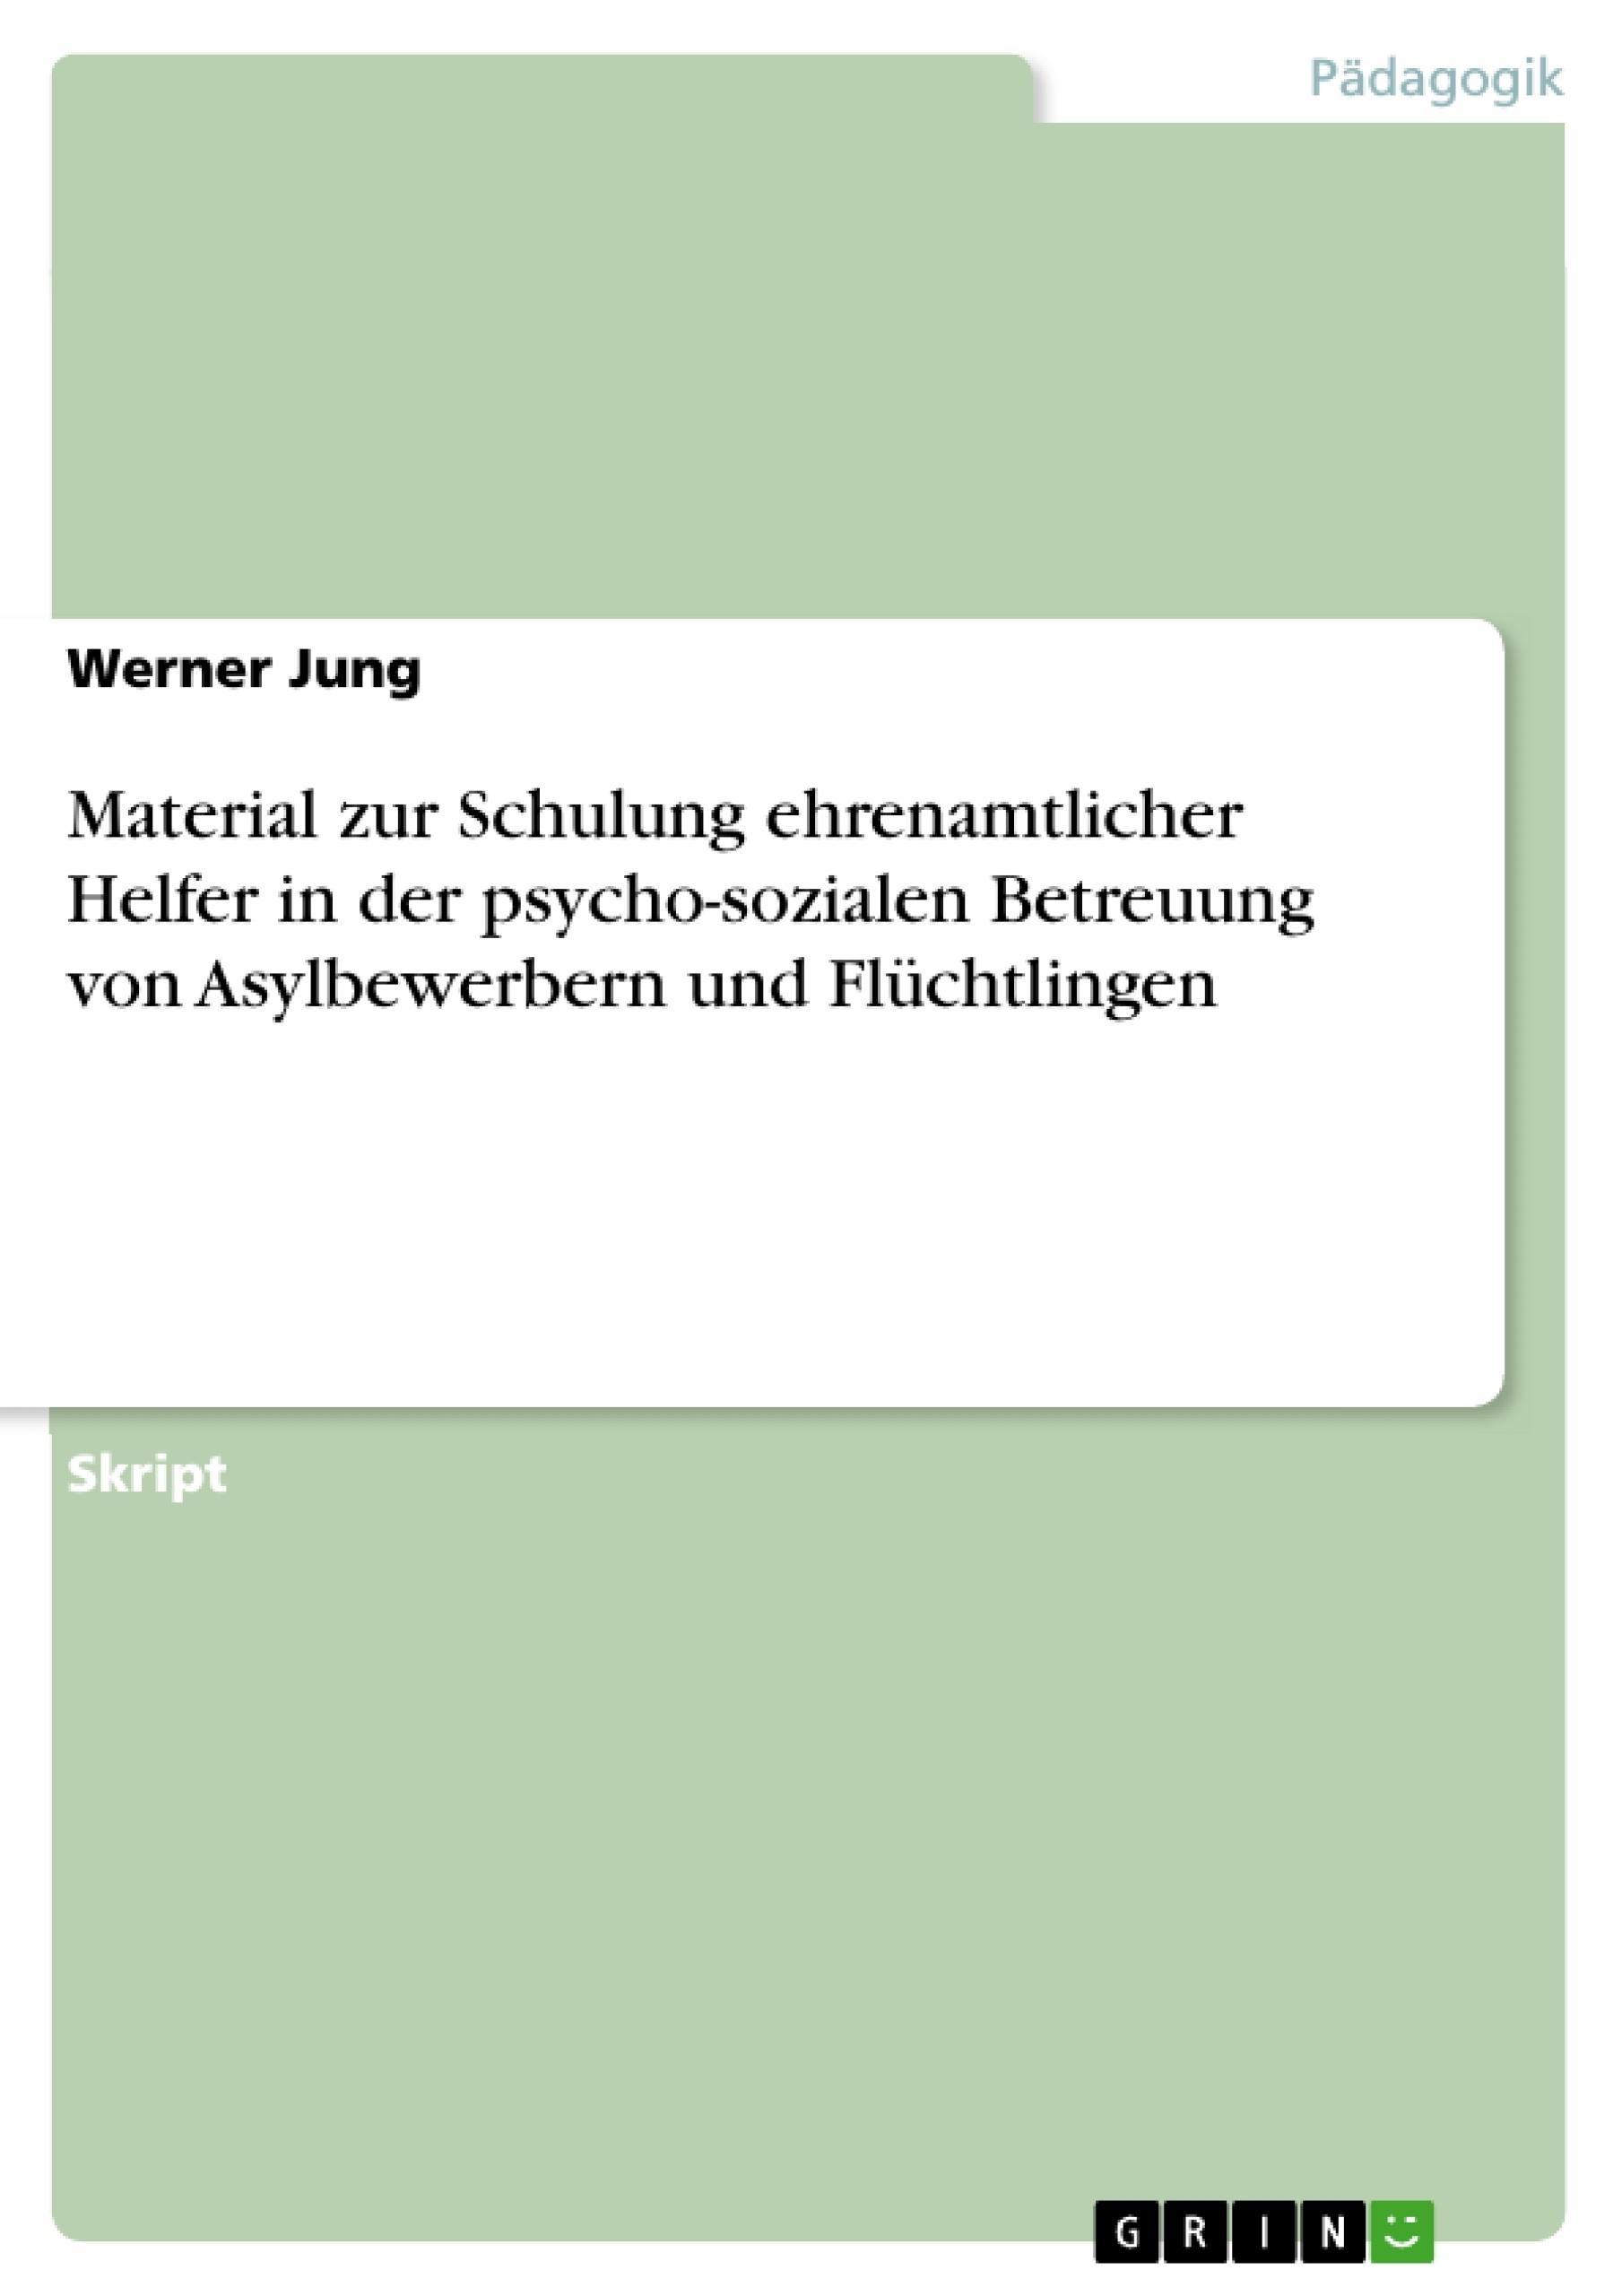 Titel: Material zur Schulung ehrenamtlicher Helfer in der psycho-sozialen Betreuung von Asylbewerbern und Flüchtlingen